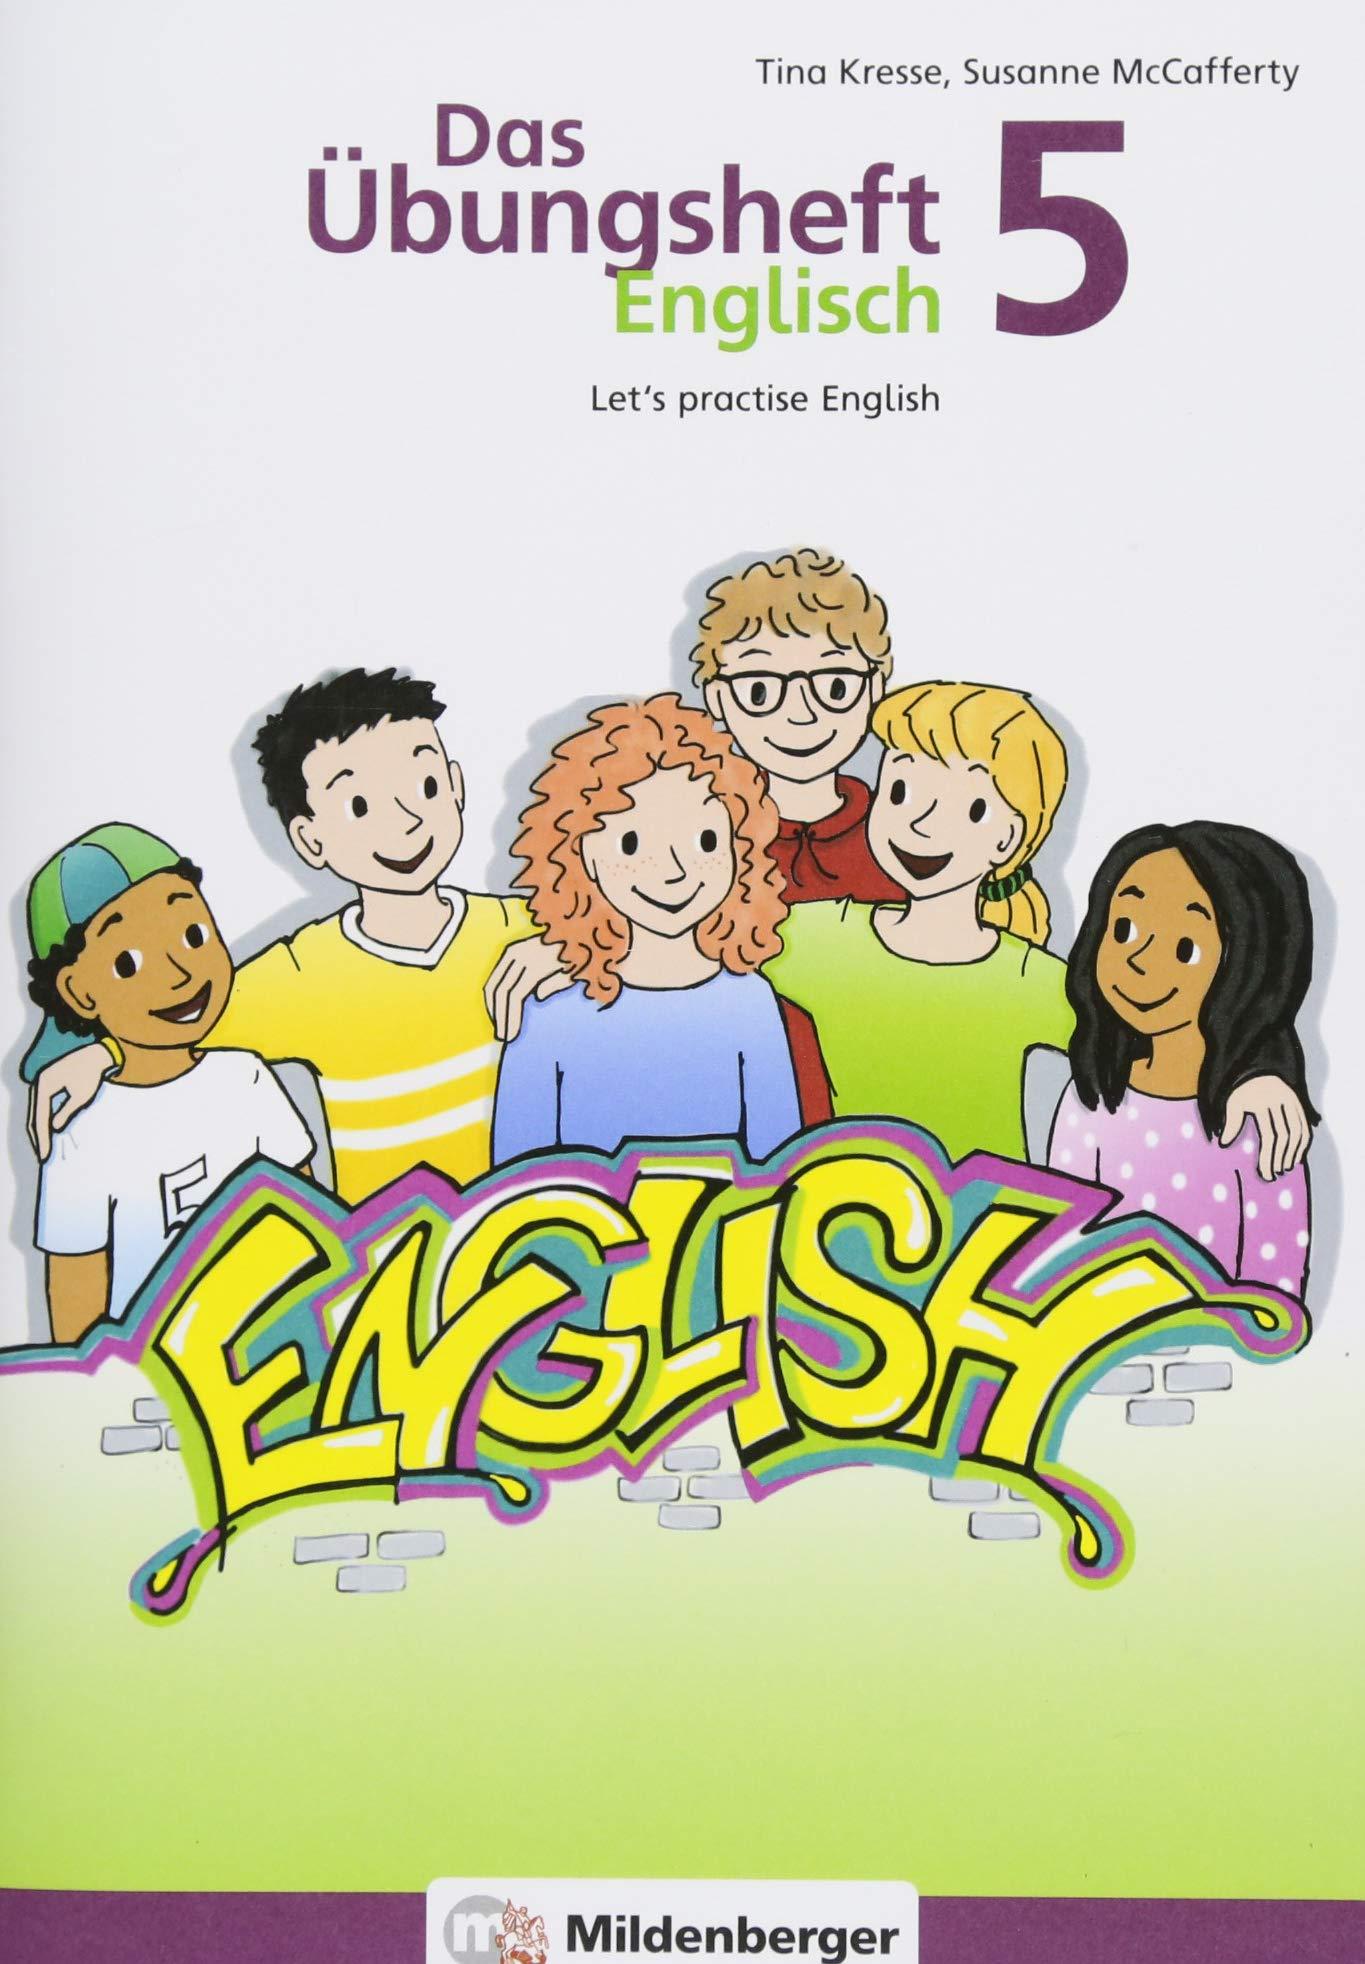 Das Übungsheft Englisch 5: Let's practice English